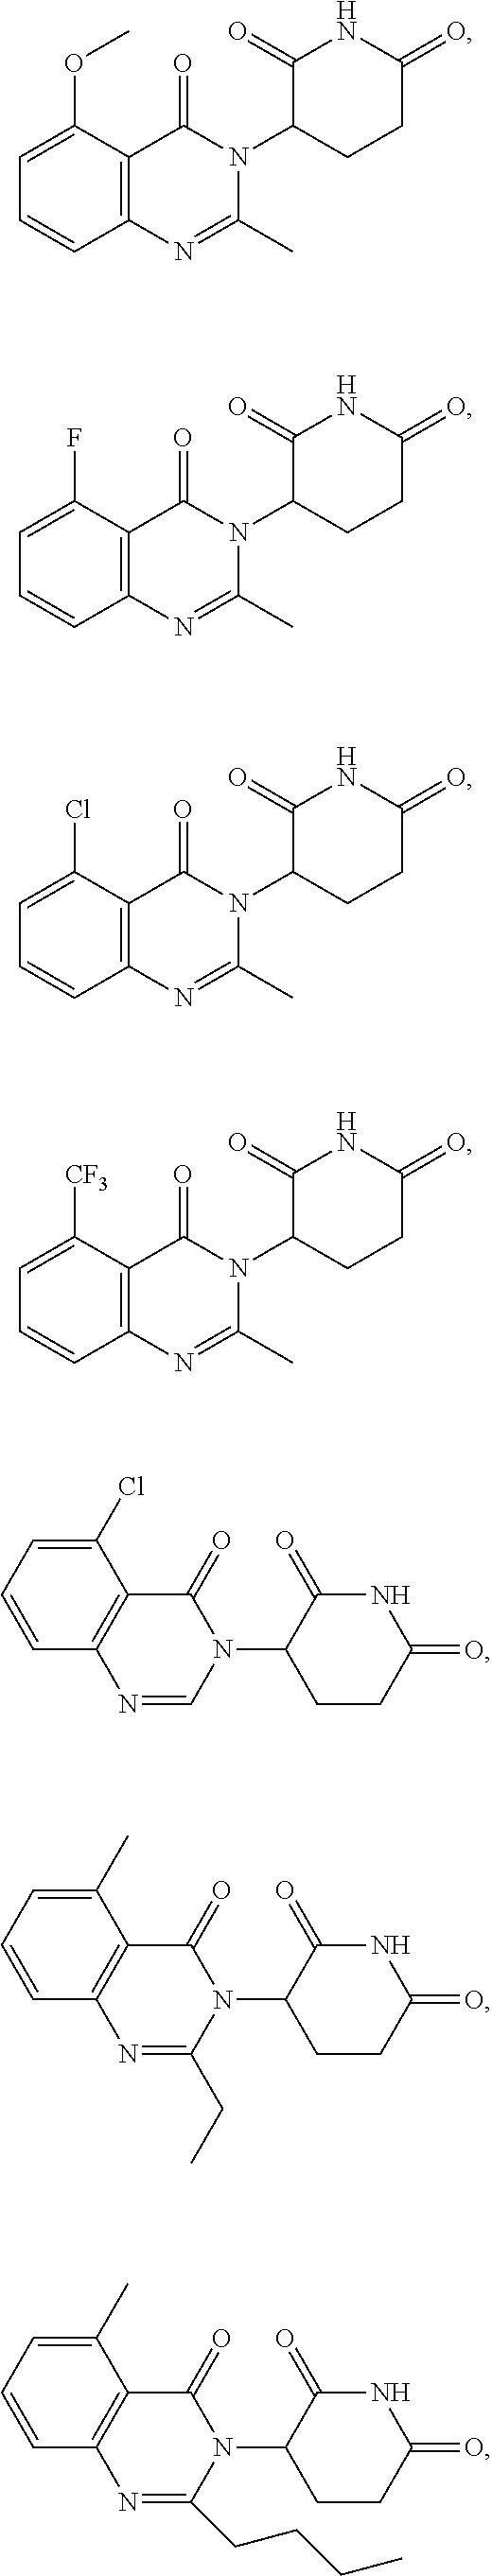 Figure US09587281-20170307-C00031